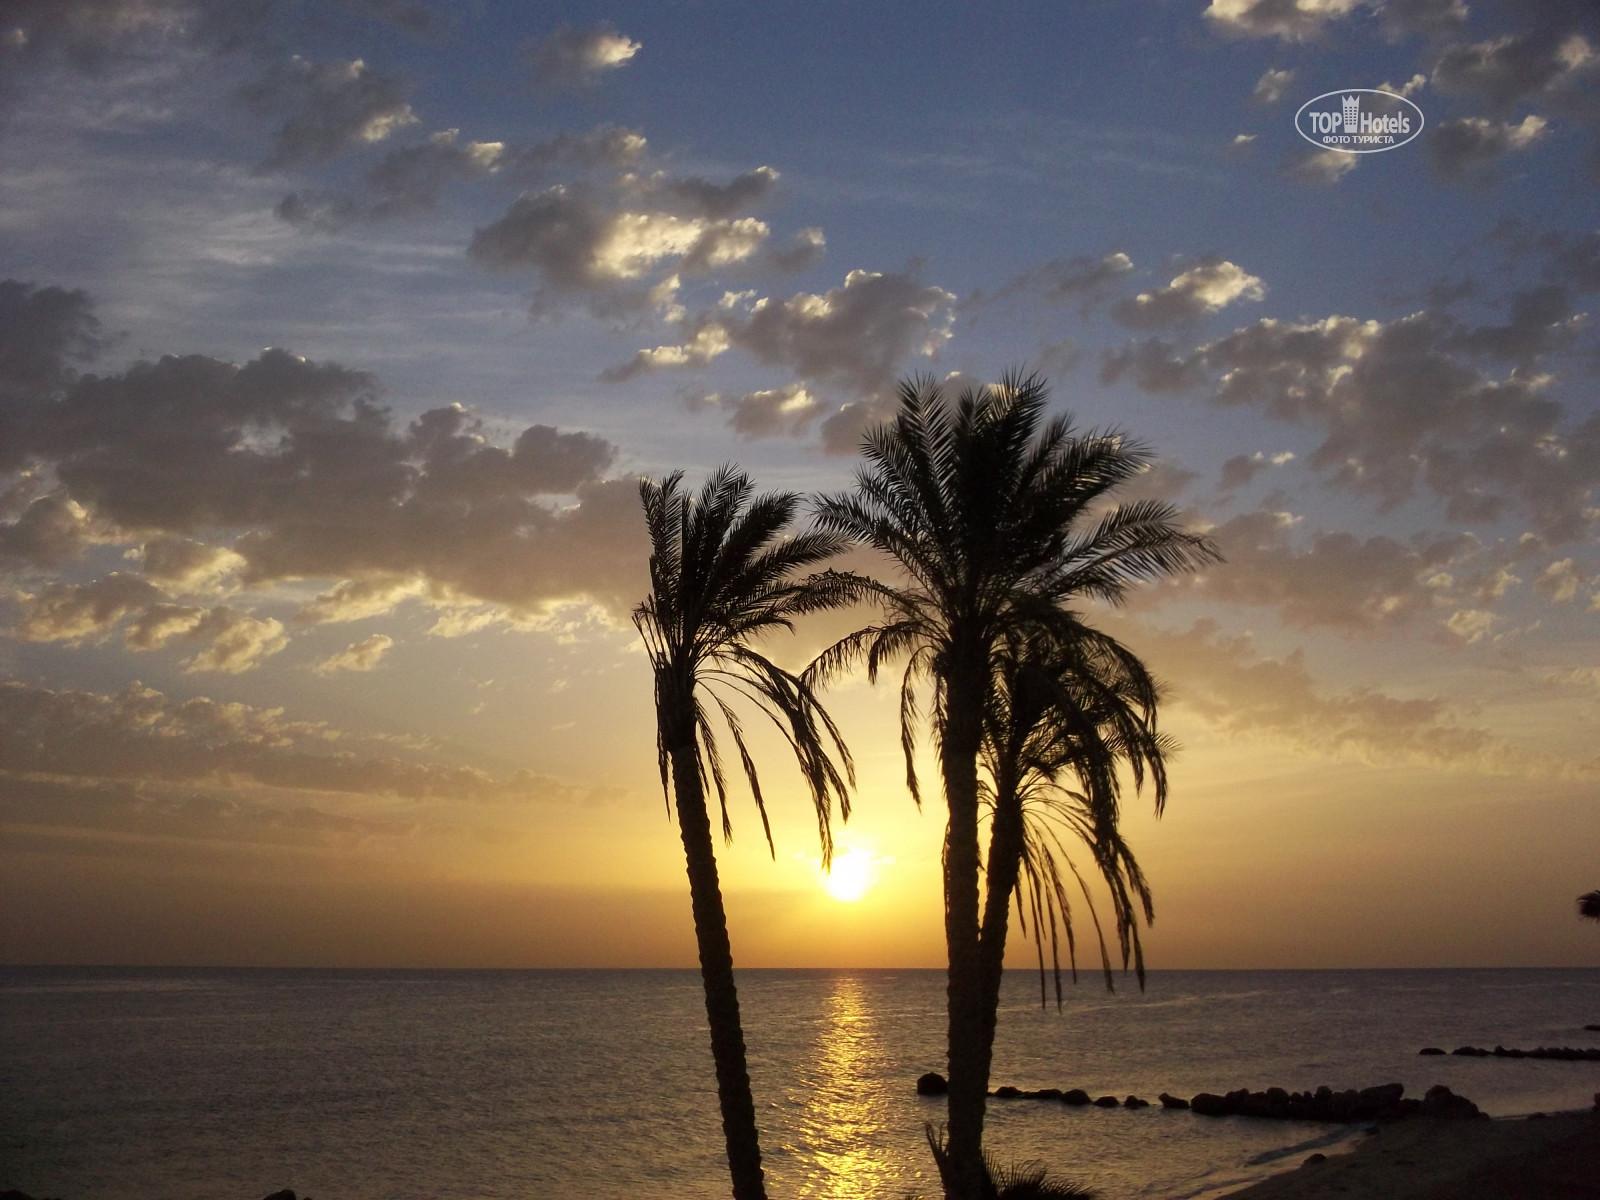 Египет фото туристов цитадель 2014 5